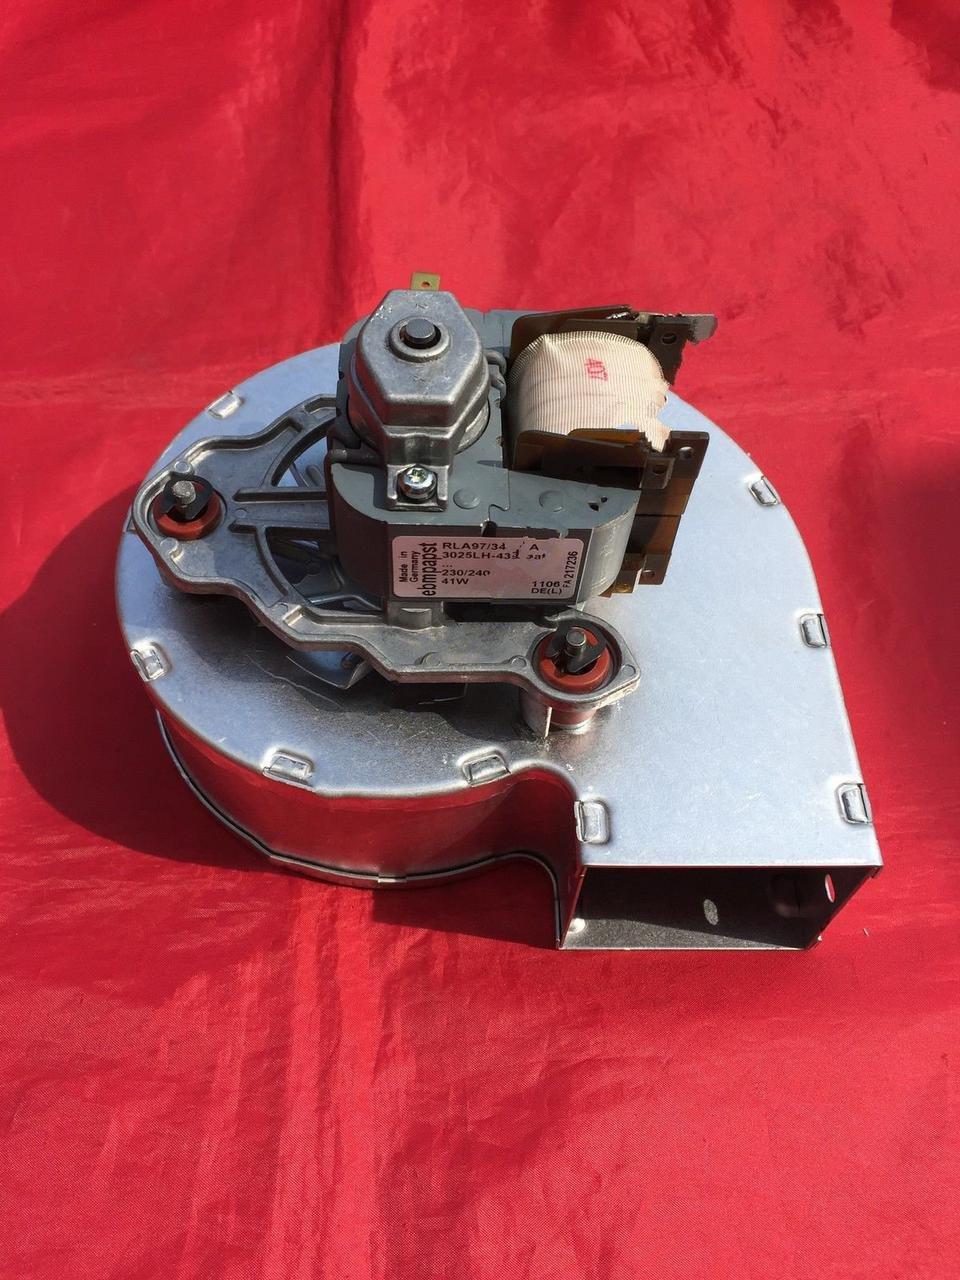 Вентилятор Beretta Super Exclusive 24-28 квт CSI/RSI R6491, R6492